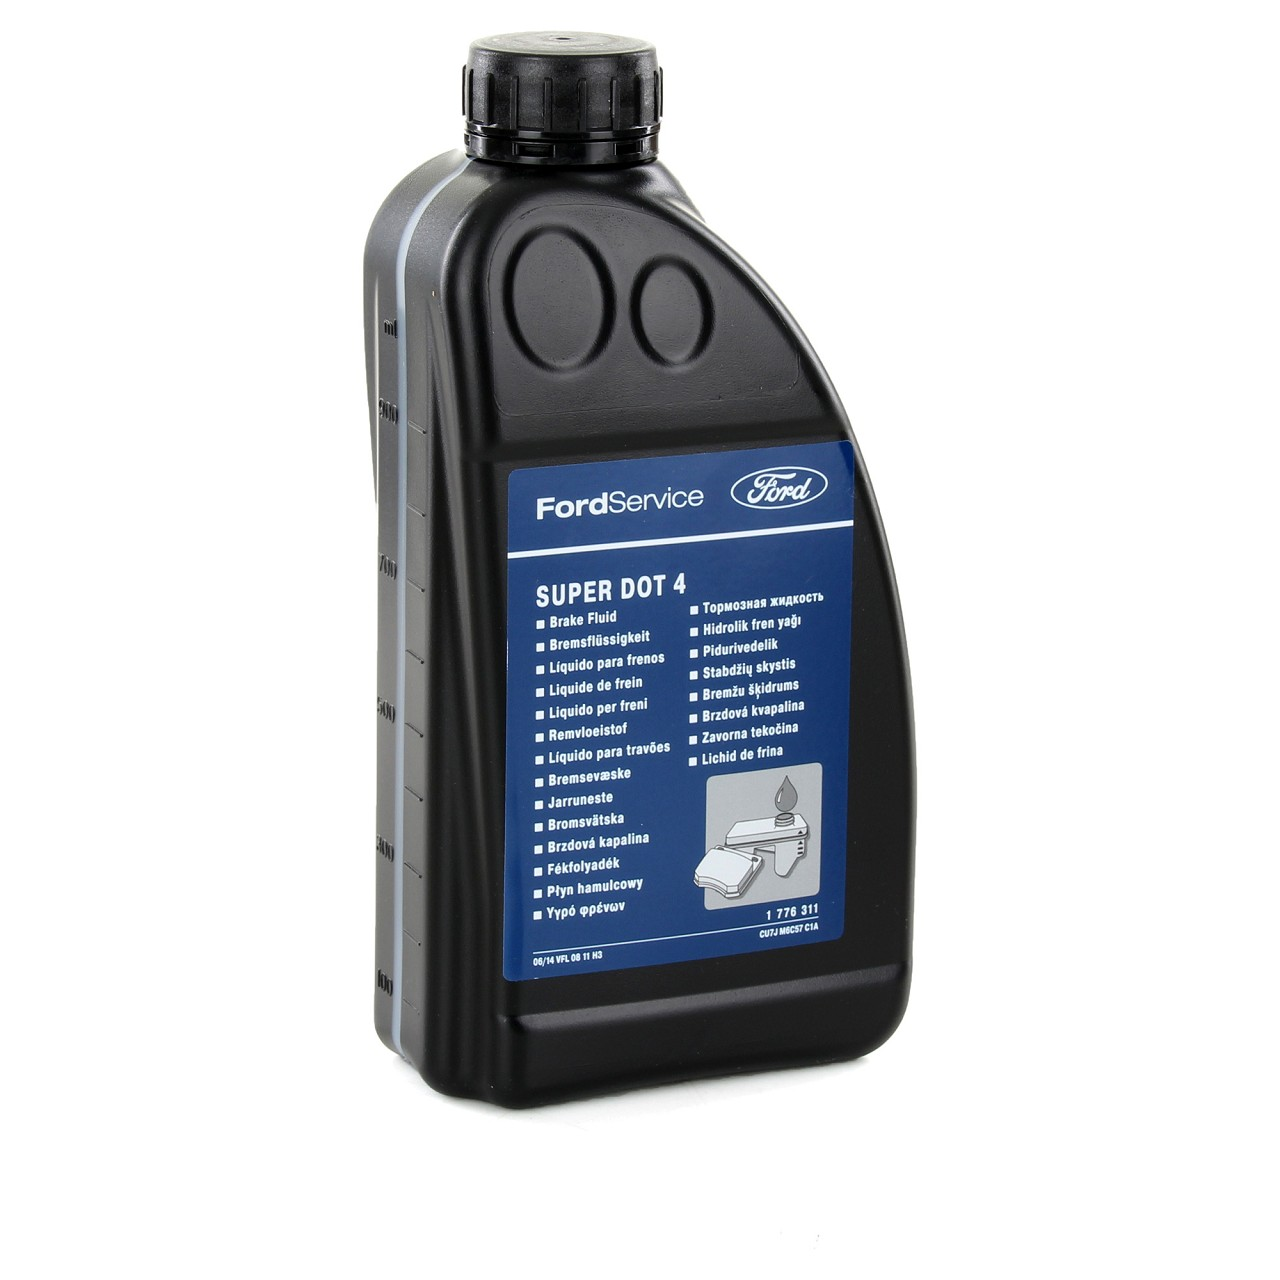 ORIGINAL Ford Bremsflüssigkeit SUPER DOT 4 SUPERDOT4 1 Liter 1L 1776311